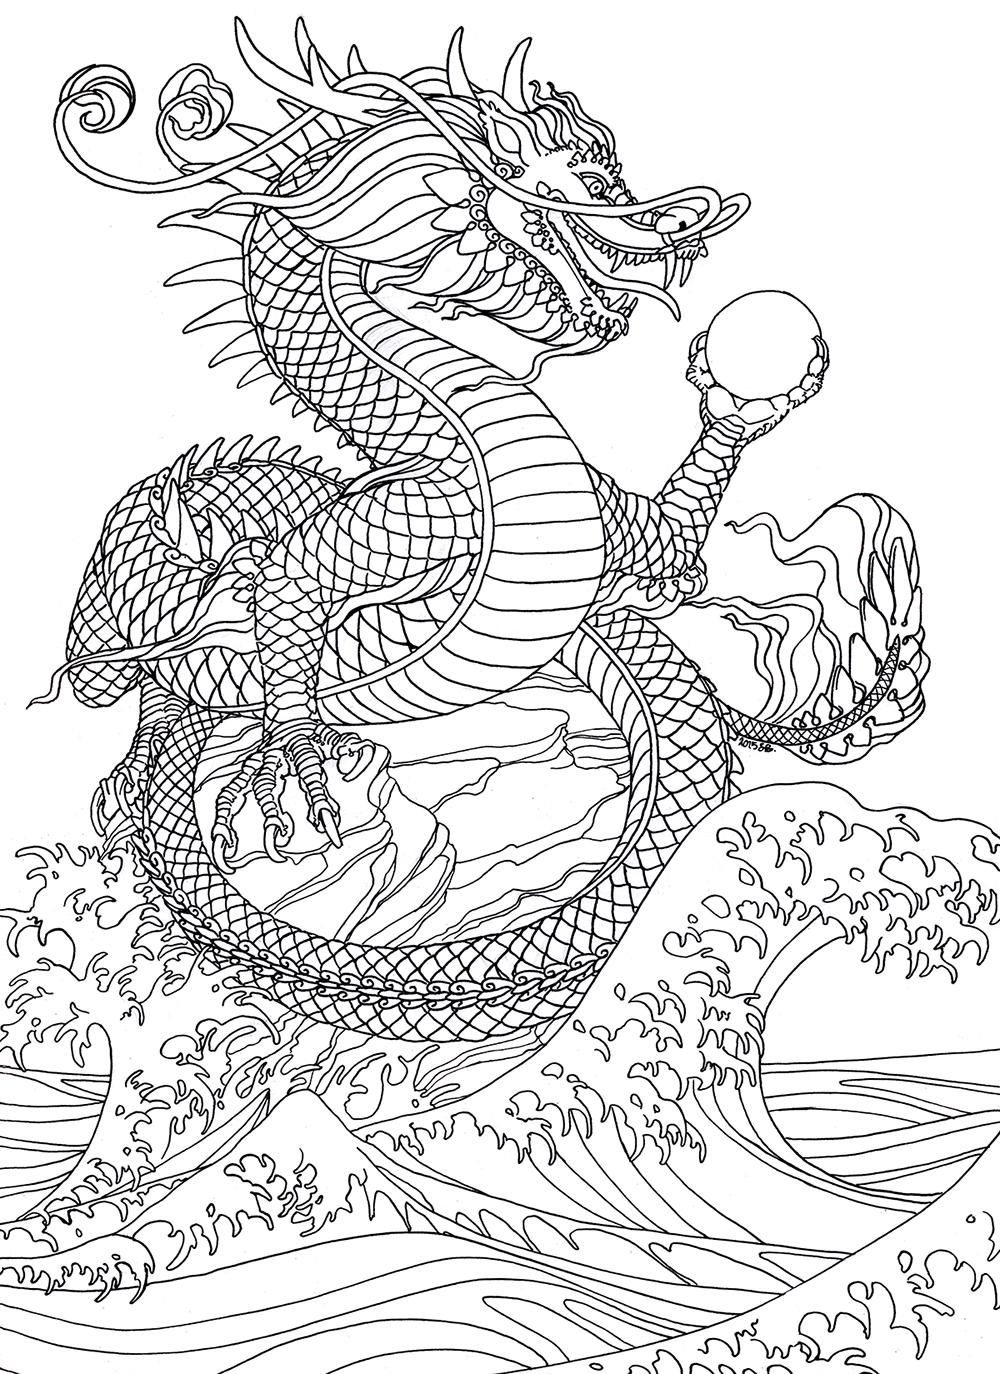 Las Tintas Chinas De Agua Dragon Deberia Haber Terminado La Coloracion De Este Por Este Fin De Semana Water Dragon Dragon Coloring Page Chinese Water Dragon